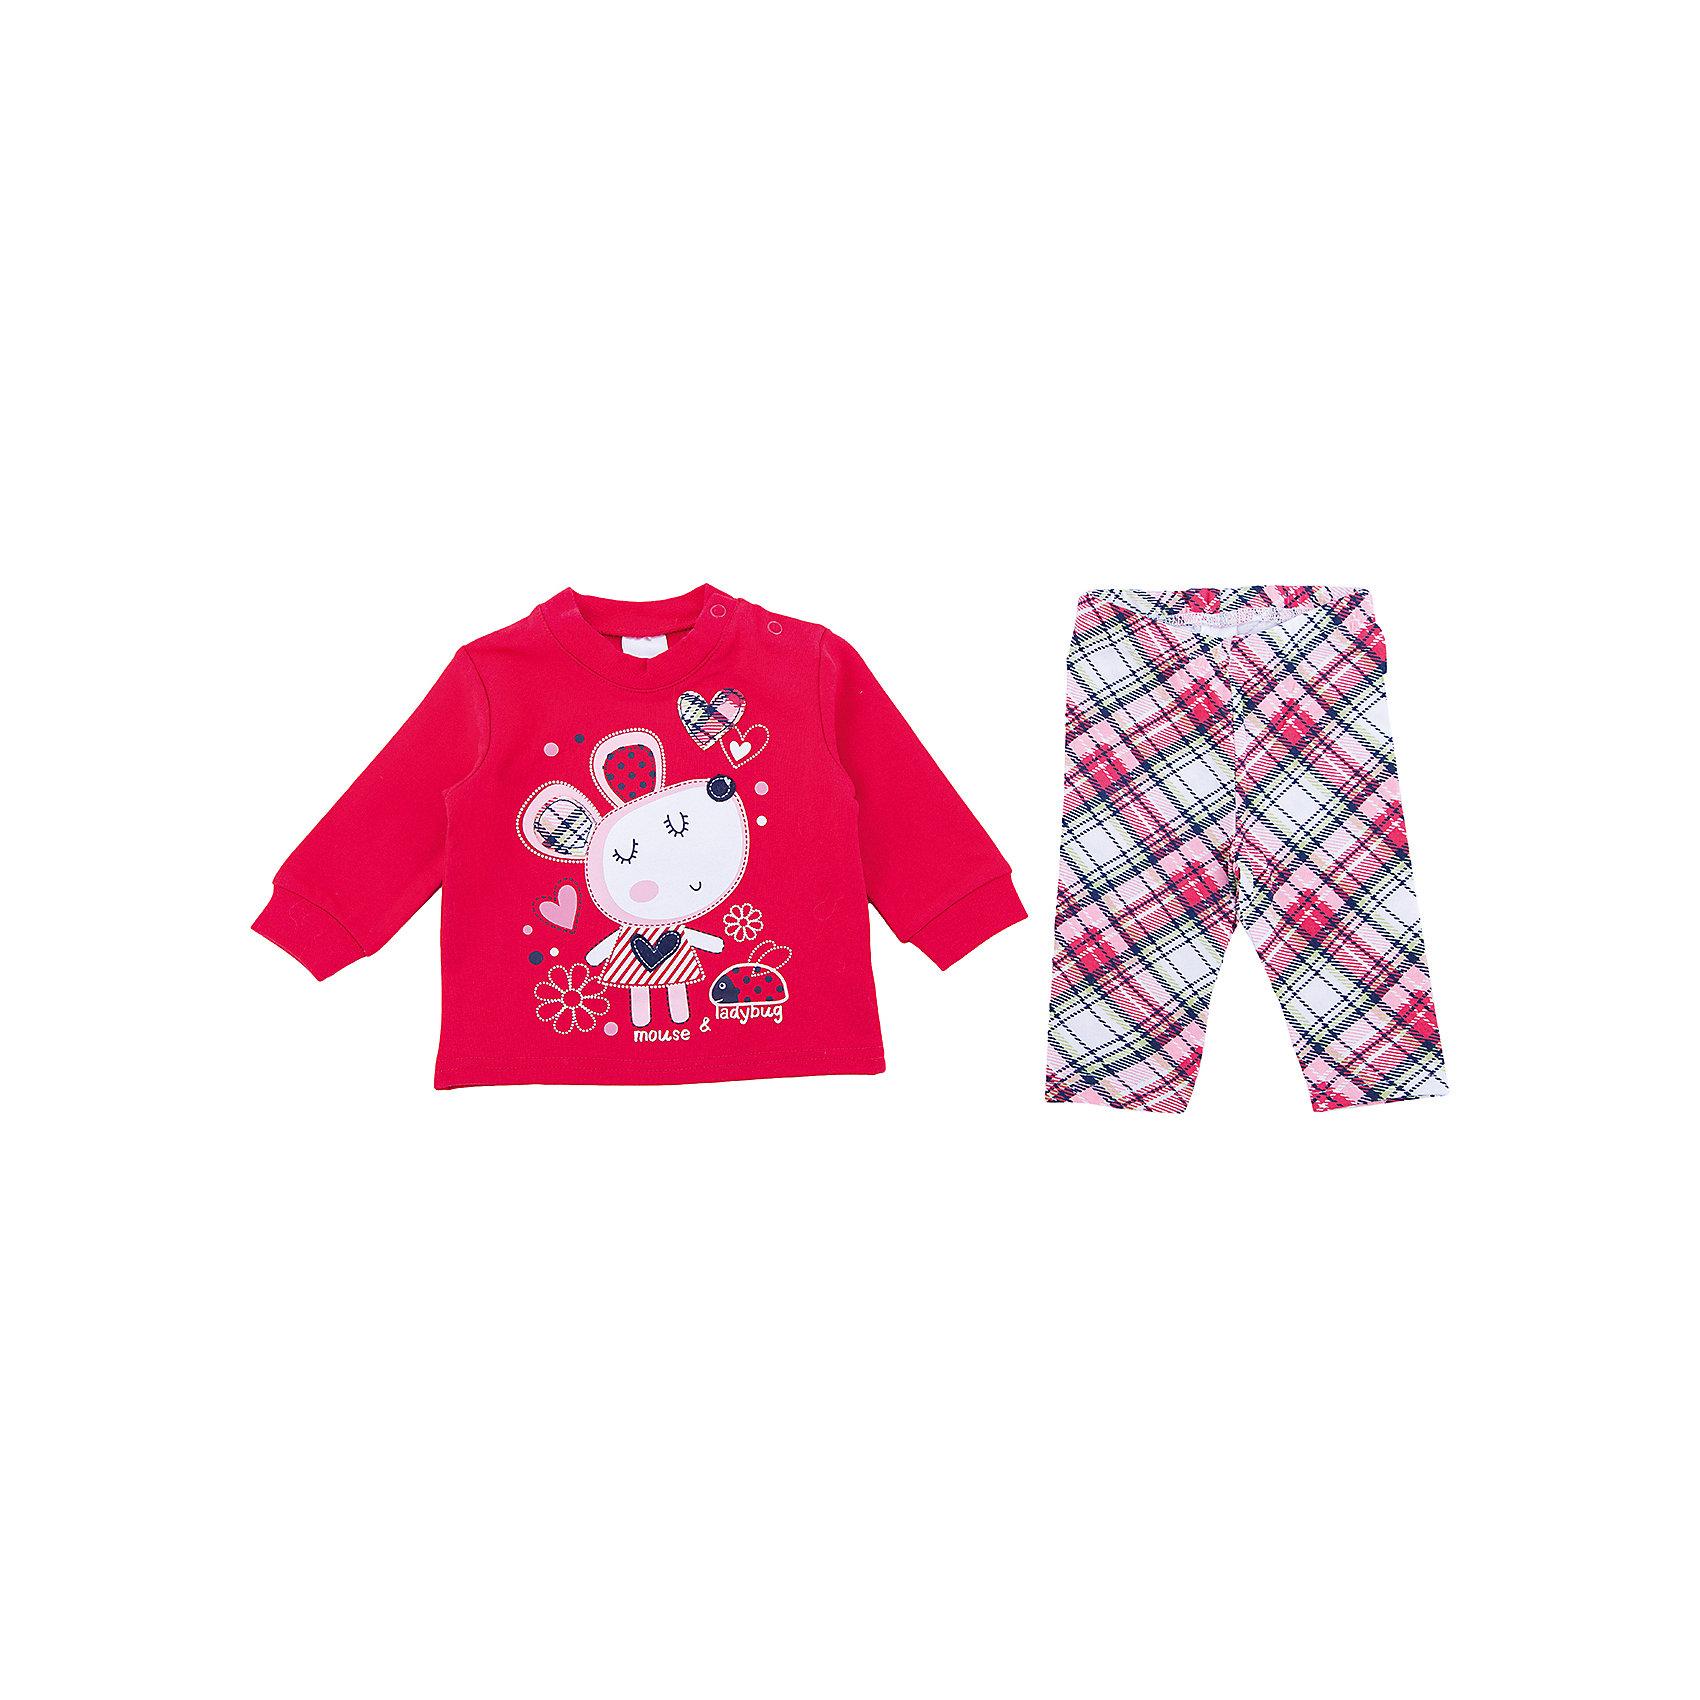 Комплект: футболка с длинным рукавом и брюки PlayToday для девочкиКомплекты<br>Комплект: футболка с длинным рукавом и брюки PlayToday для девочки<br>Комплект из футболки с длинным рукавом и леггинсов сможет быть и повседневной, и домашней одеждой. Для удобства снимания и одевания, футболка дополнена удобными застежками - кнопками. Рукава на мягких манжетах. В качестве декора использован эффектный принт. Леггинсы на широкой мягкой резинке. Свободный крой не сковывает движений ребенка. Мягкий материал приятен к телу и не вызывает раздражений.<br>Состав:<br>100% хлопок<br><br>Ширина мм: 230<br>Глубина мм: 40<br>Высота мм: 220<br>Вес г: 250<br>Цвет: белый<br>Возраст от месяцев: 6<br>Возраст до месяцев: 9<br>Пол: Женский<br>Возраст: Детский<br>Размер: 74,56,62,68<br>SKU: 7107282